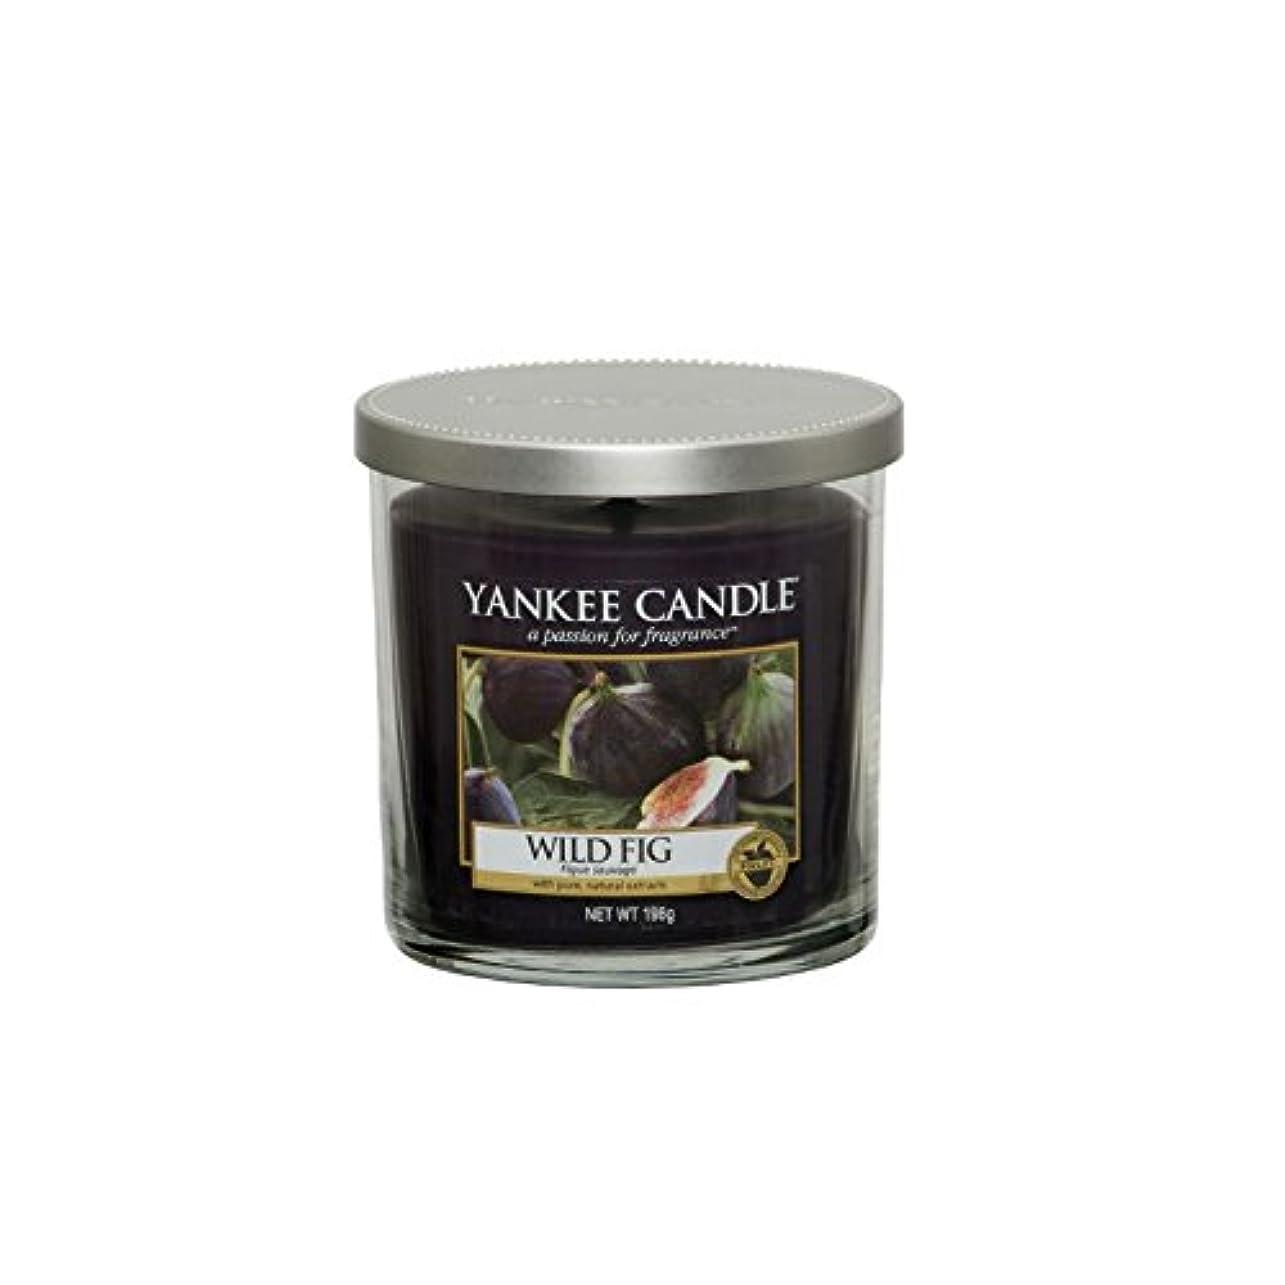 忠誠オートメーション酸度Yankee Candles Small Pillar Candle - Wild Fig (Pack of 6) - ヤンキーキャンドルの小さな柱キャンドル - 野生のイチジク (x6) [並行輸入品]